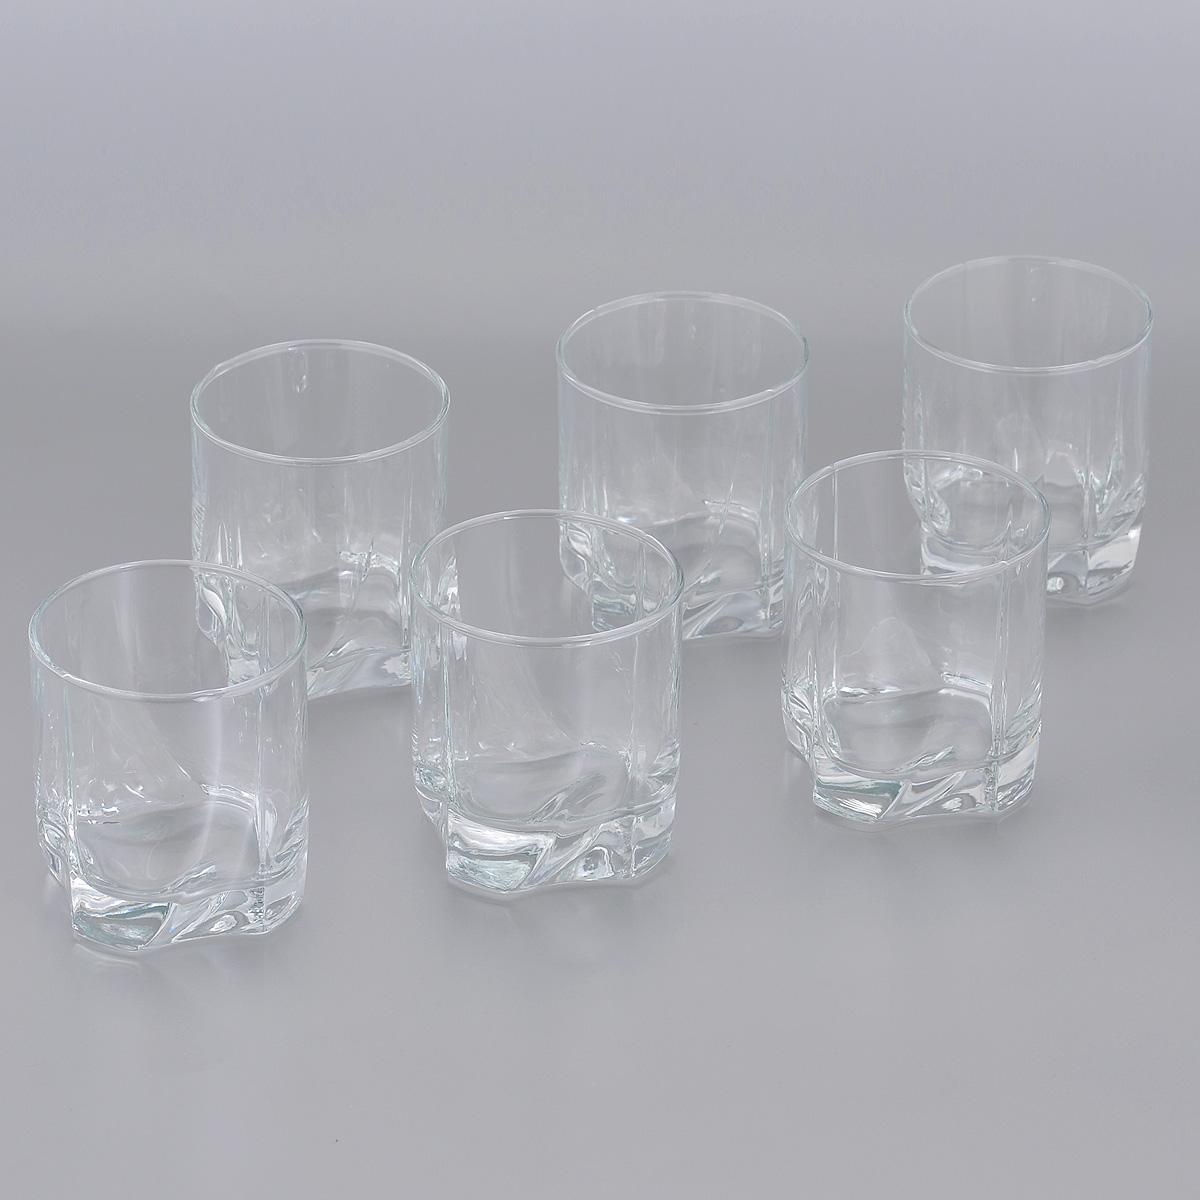 Набор стаканов Pasabahce Luna, 240 мл, 6 шт. 42338B42338BНабор Pasabahce Luna, выполненный из высококачественного стекла, состоит из шести стаканов. Изделия прекрасно подойдут для подачи виски. Эстетичность, функциональность и изящный дизайн сделают набор достойным дополнением к вашему кухонному инвентарю. Набор стаканов Pasabahce Luna украсит ваш стол и станет отличным подарком к любому празднику. Можно использовать в морозильной камере и микроволновой печи. Можно мыть в посудомоечной машине. Диаметр стакана по верхнему краю: 7 см. Высота стакана: 8 см.